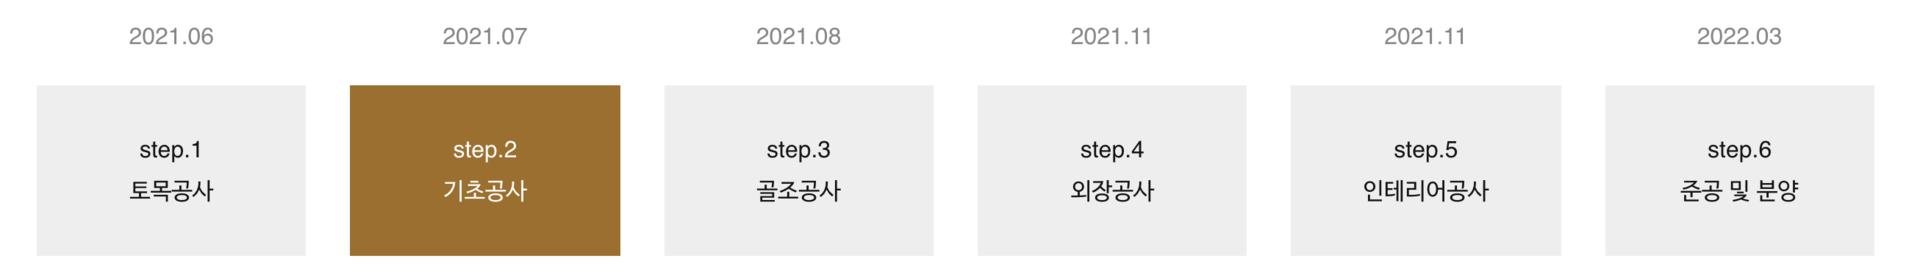 송파동 슬로우밀리 402 - 7월 공사 진행 상황